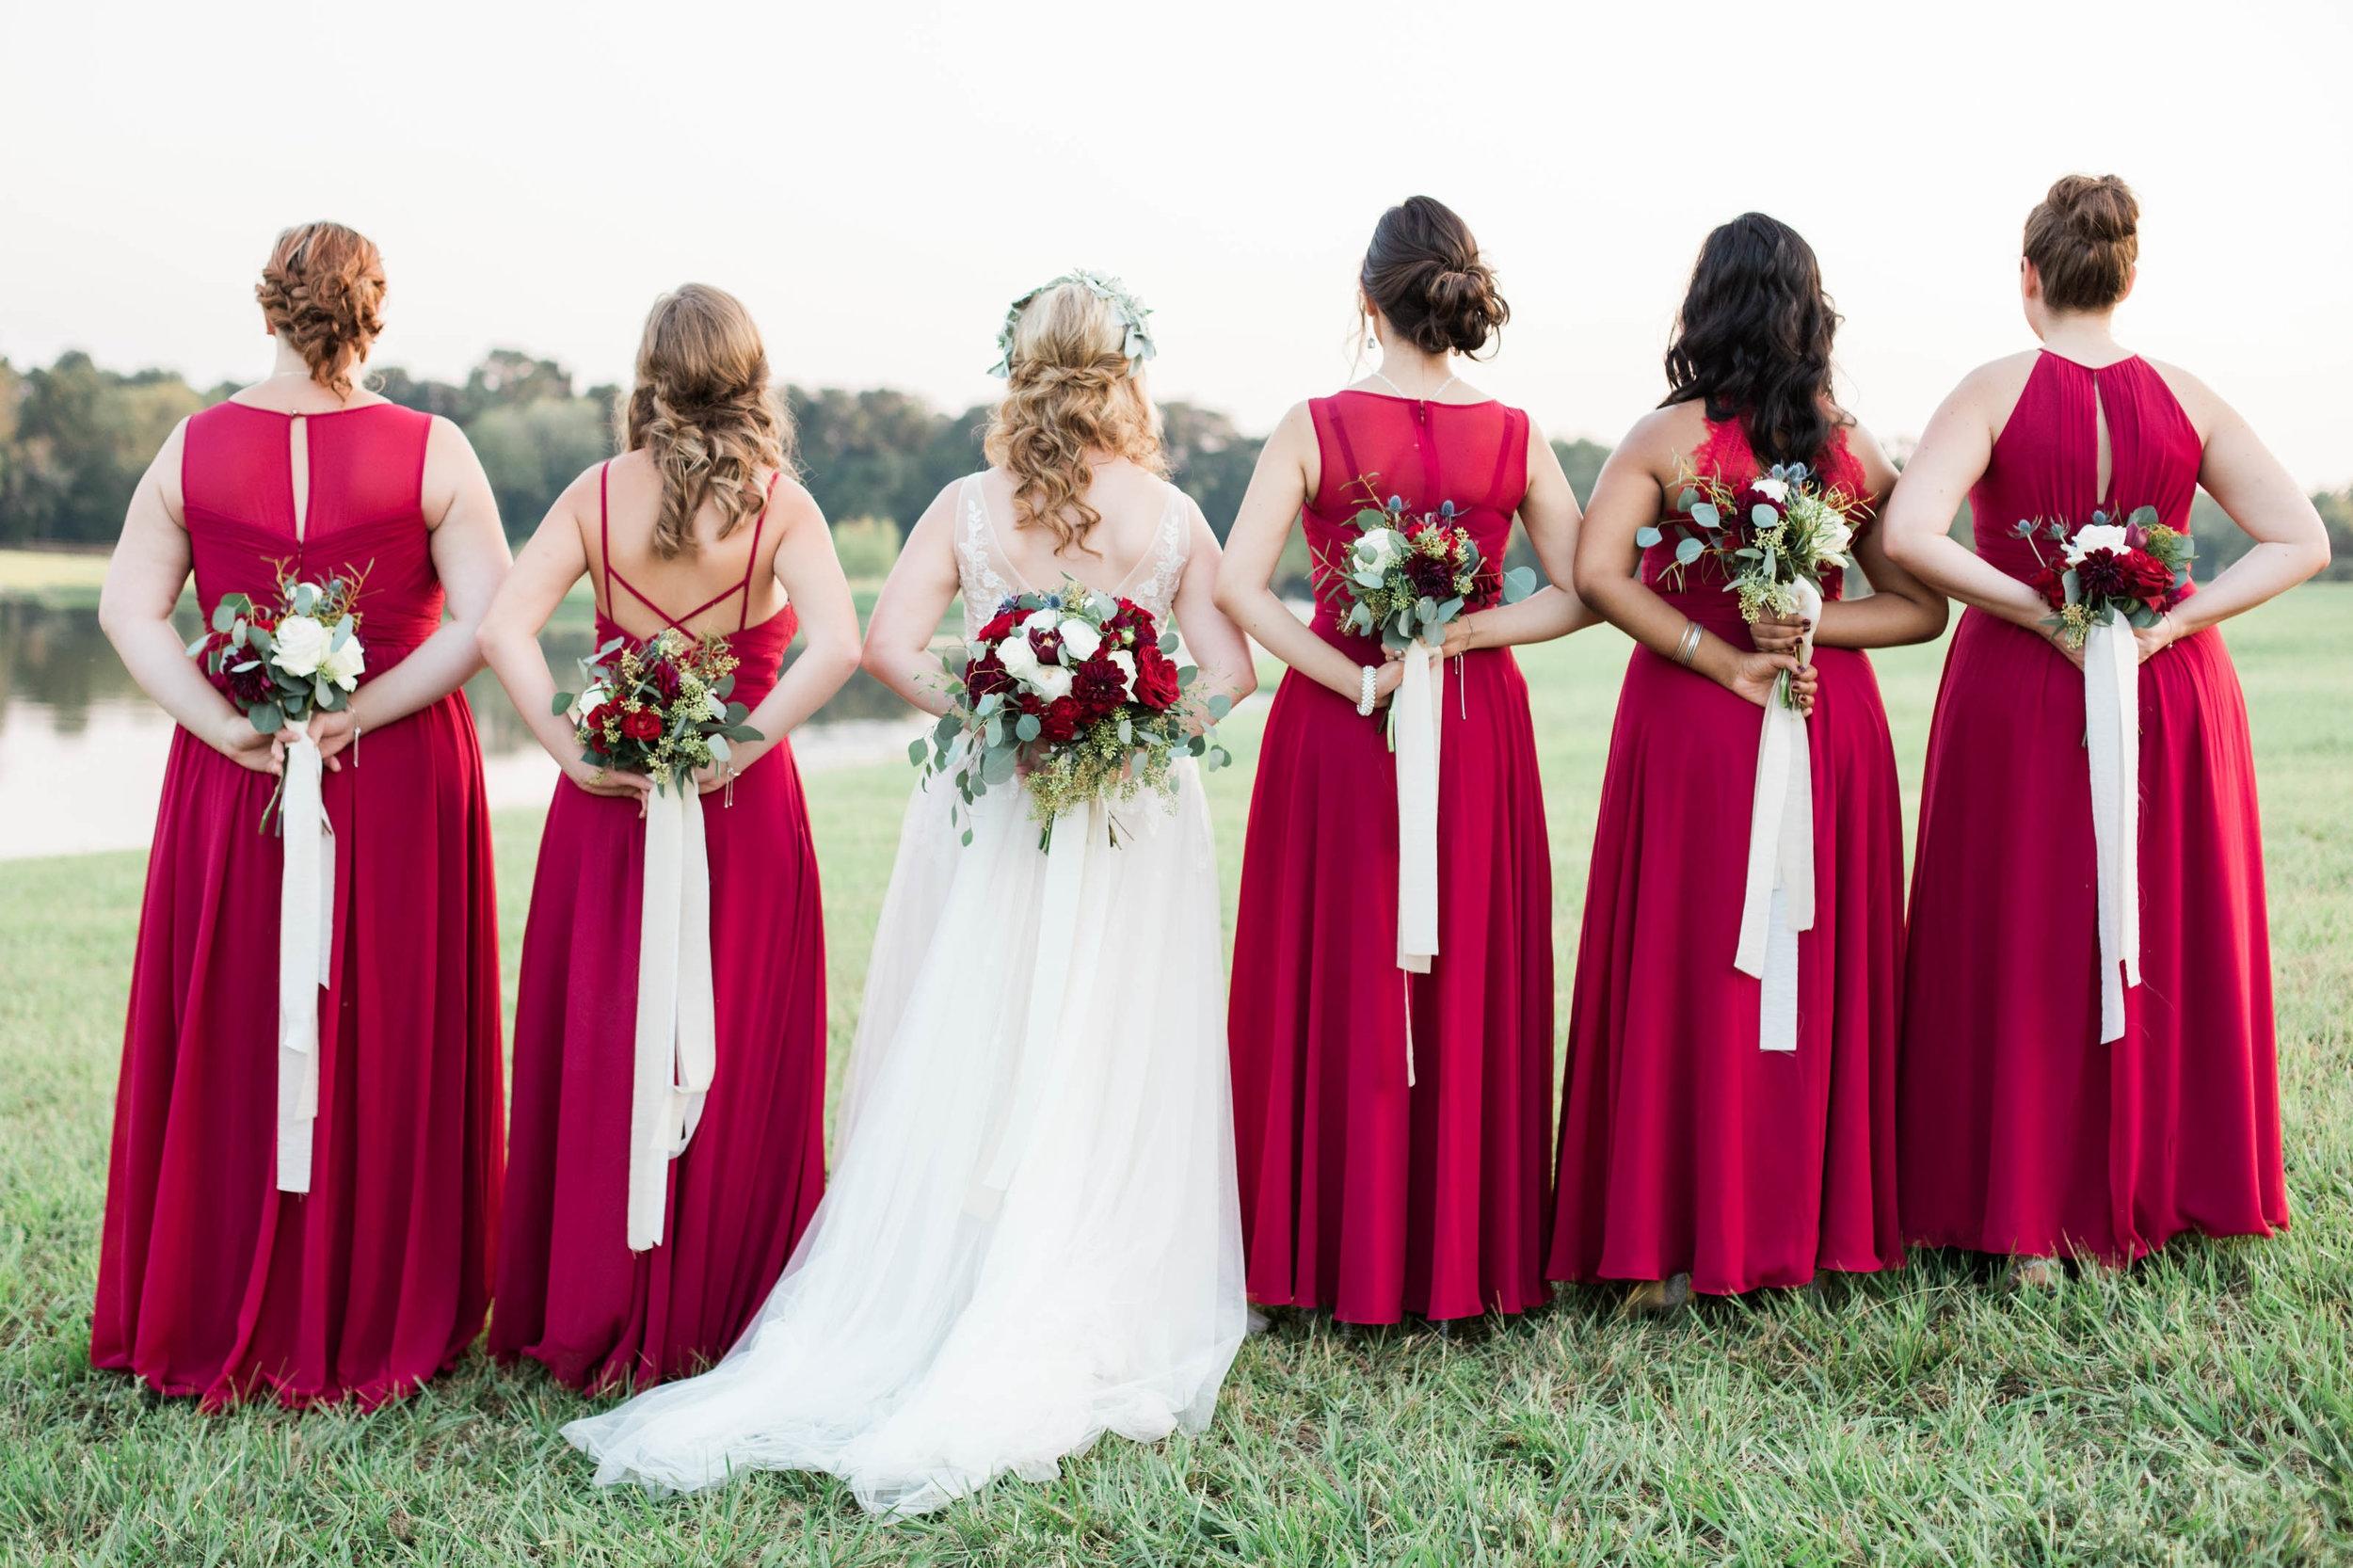 weddings-156.jpg